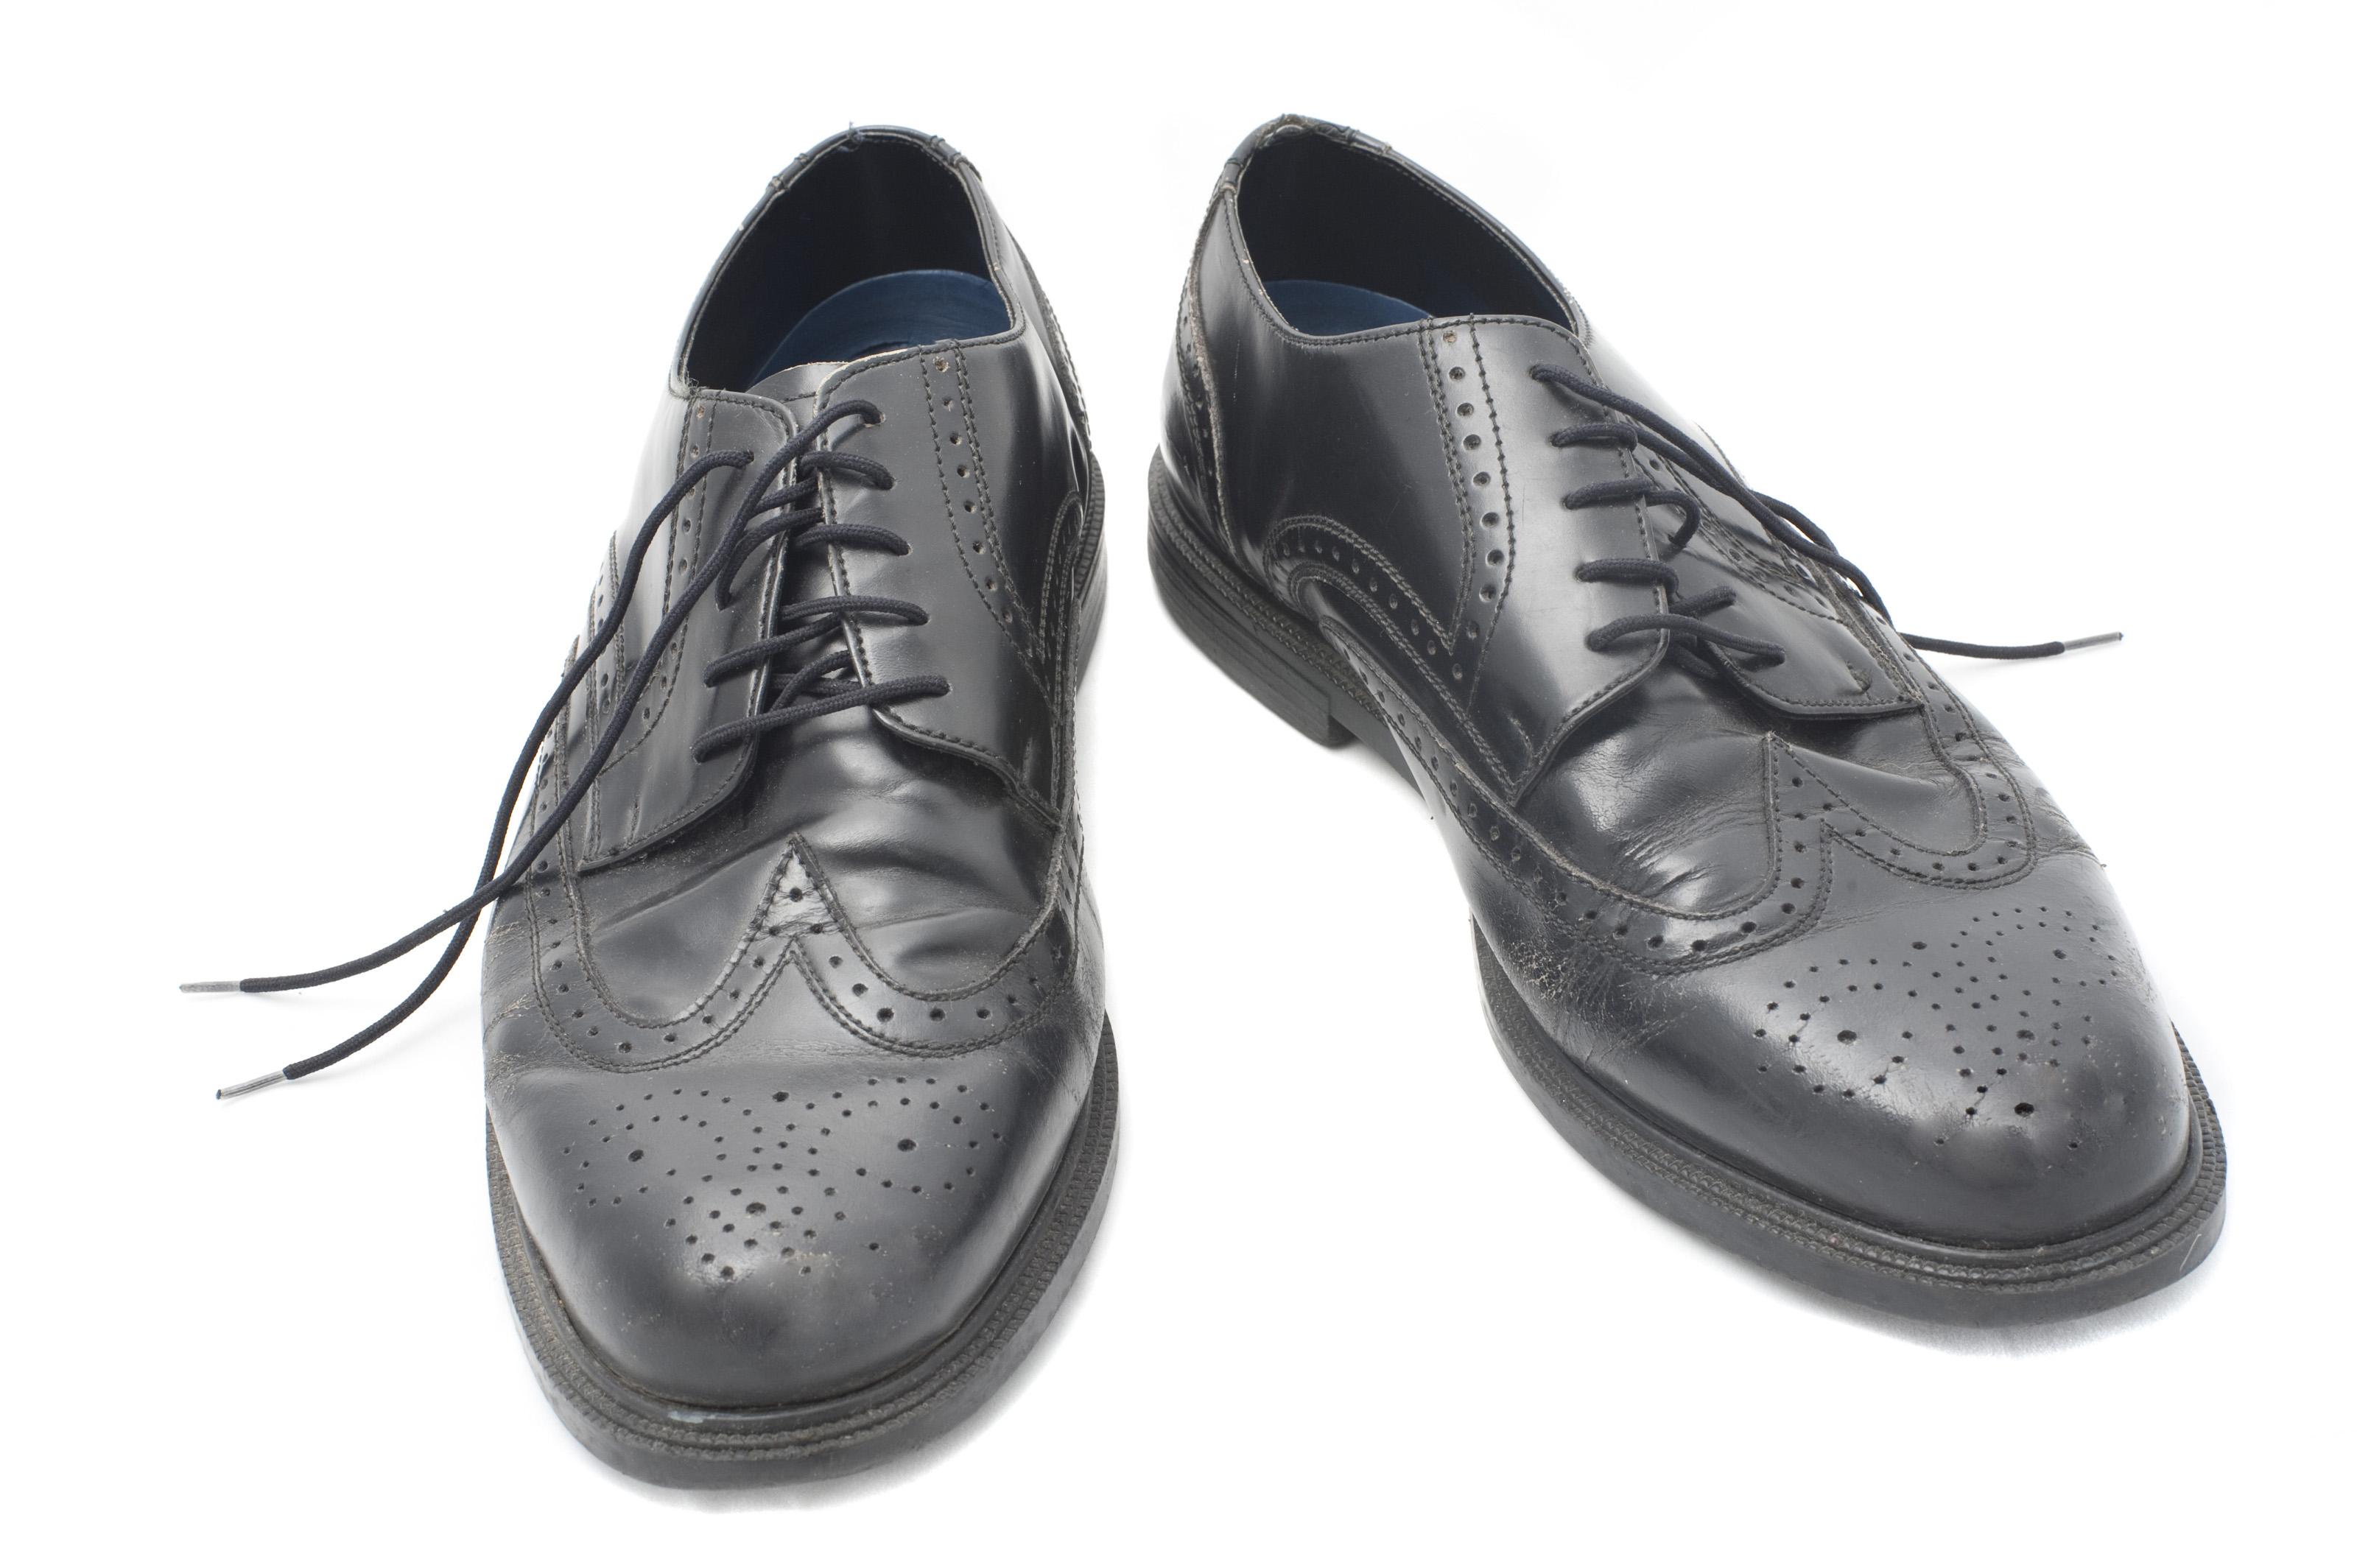 White Lace Shoes Ireland